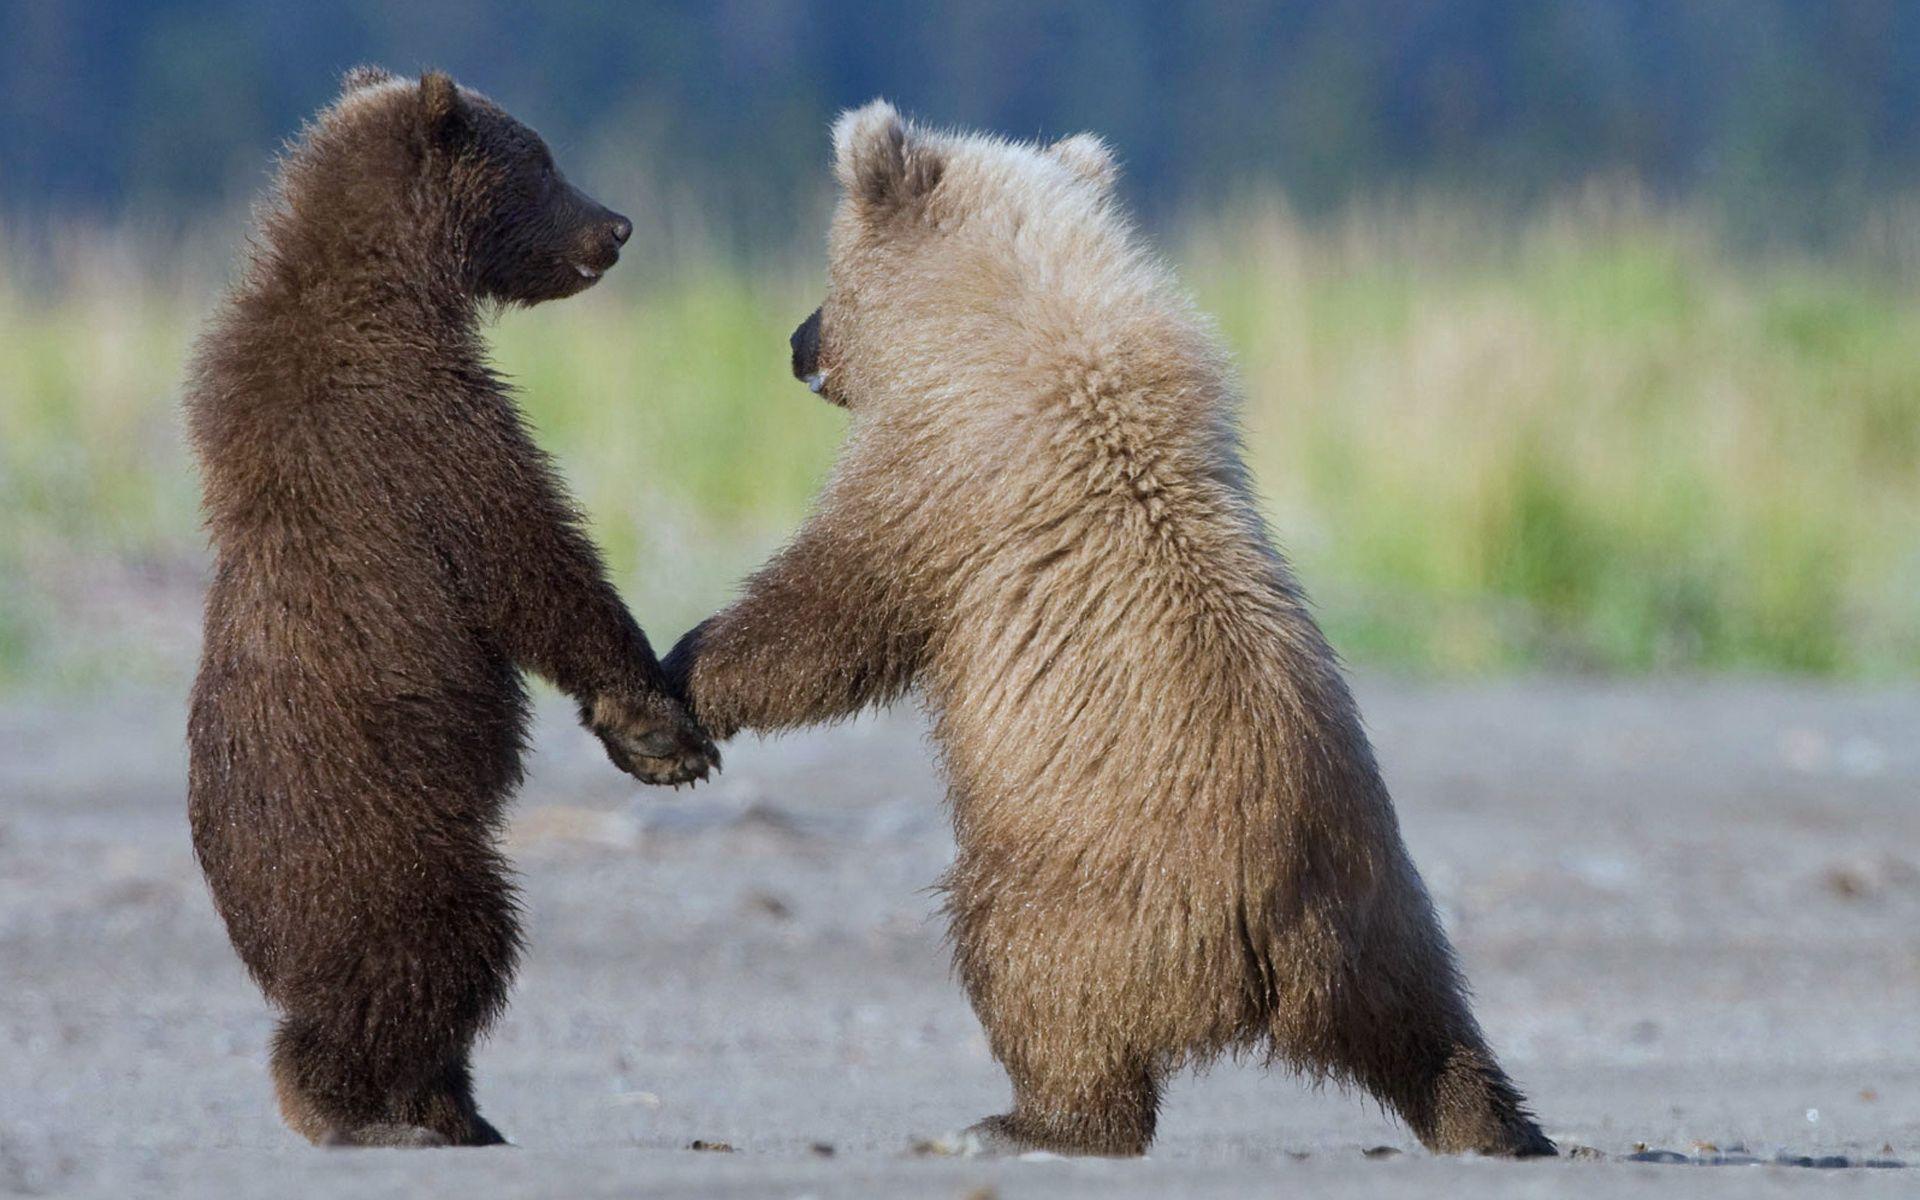 124844 Заставки и Обои Медведи на телефон. Скачать Животные, Медведи, Пара, Прогулка, Детеныши картинки бесплатно